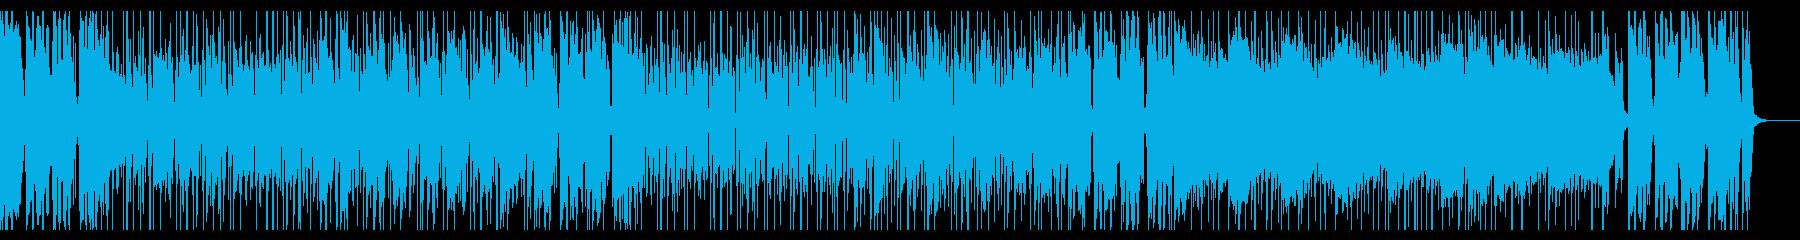 刑事のテーマ ジャズファンクの再生済みの波形